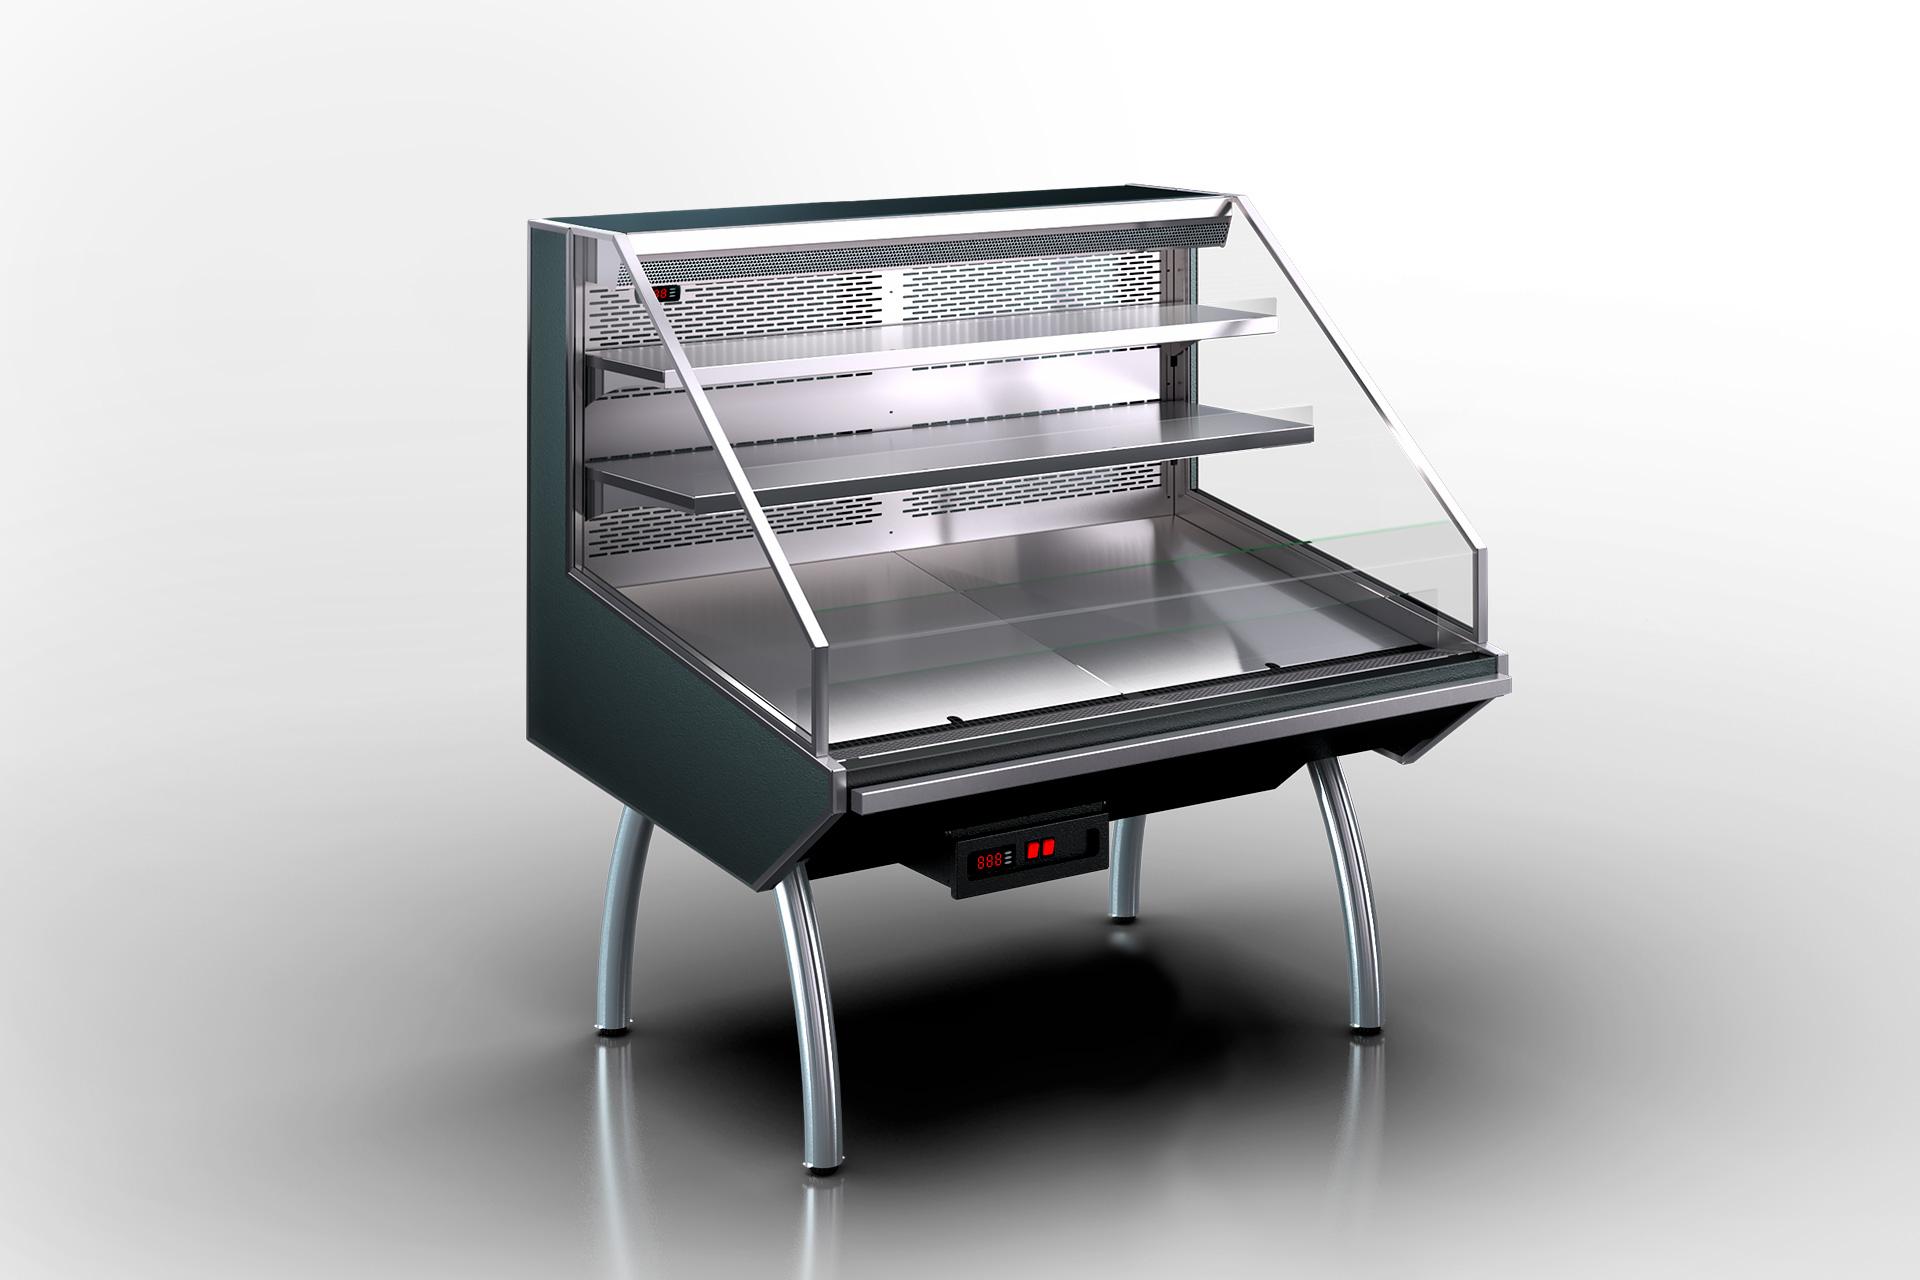 Refrigerated counters Missouri promo MC 100 deli self 140-DLM